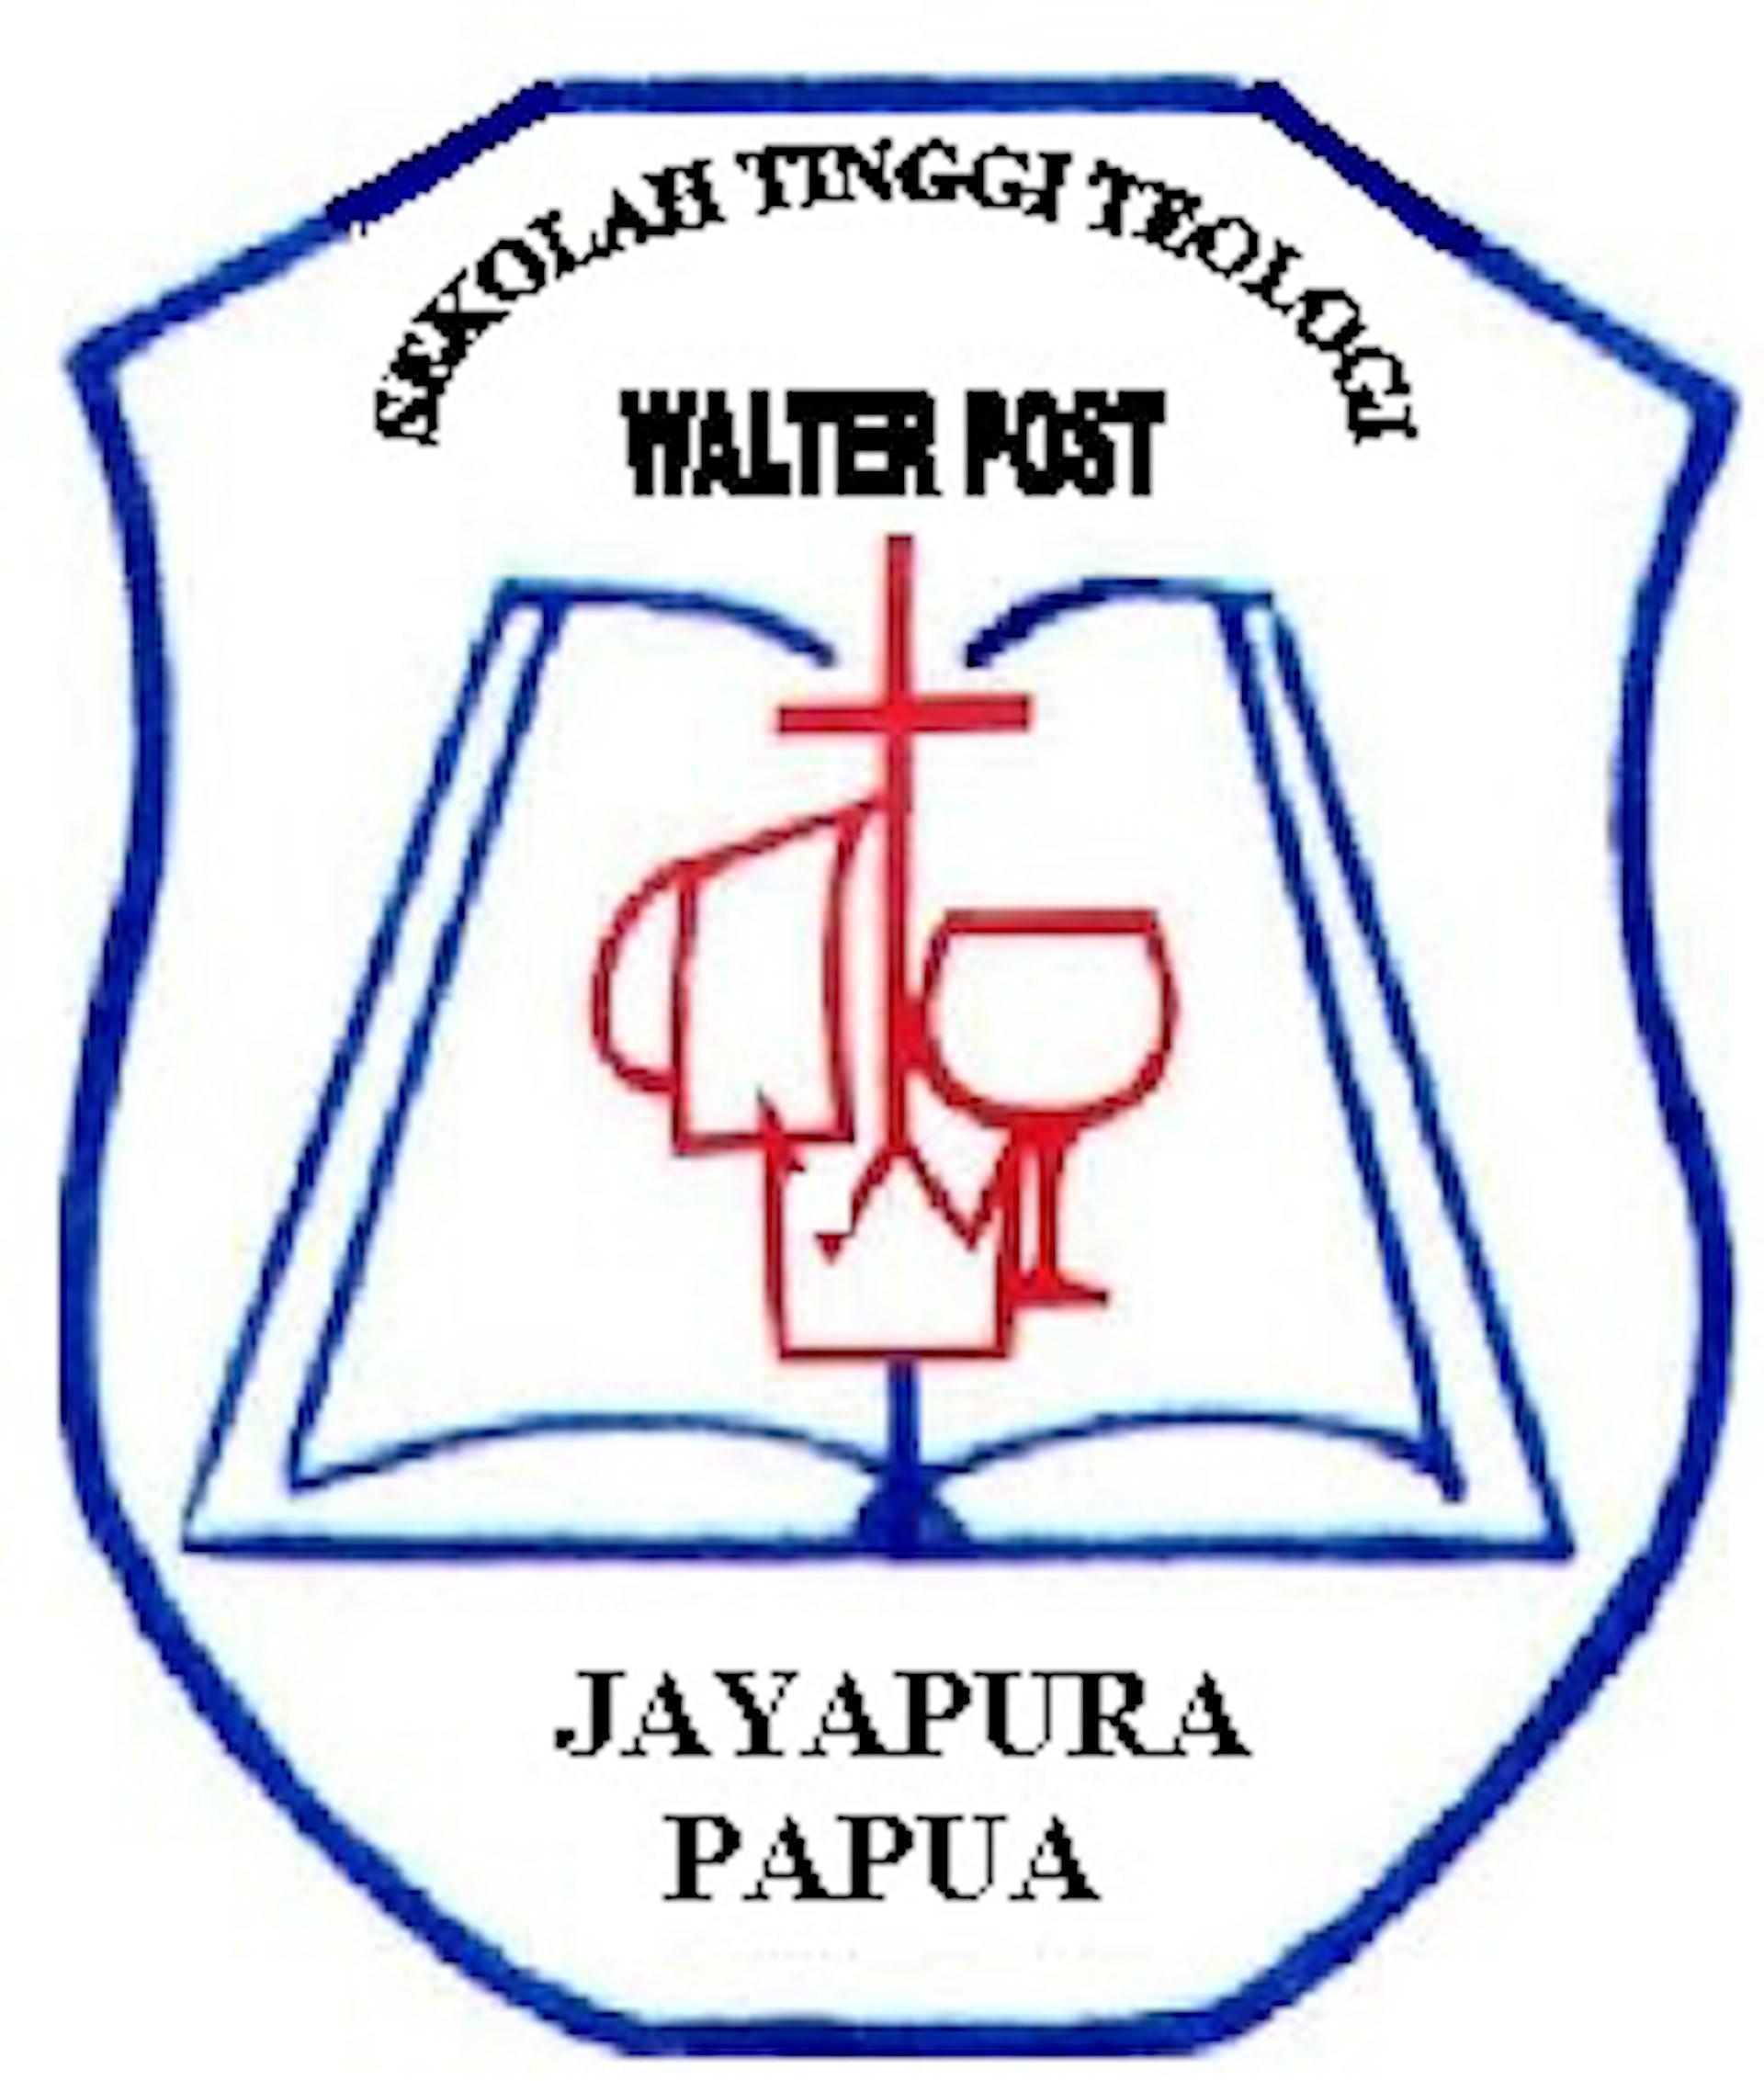 Logo 1501767097.jpg?ixlib=rb 1.1